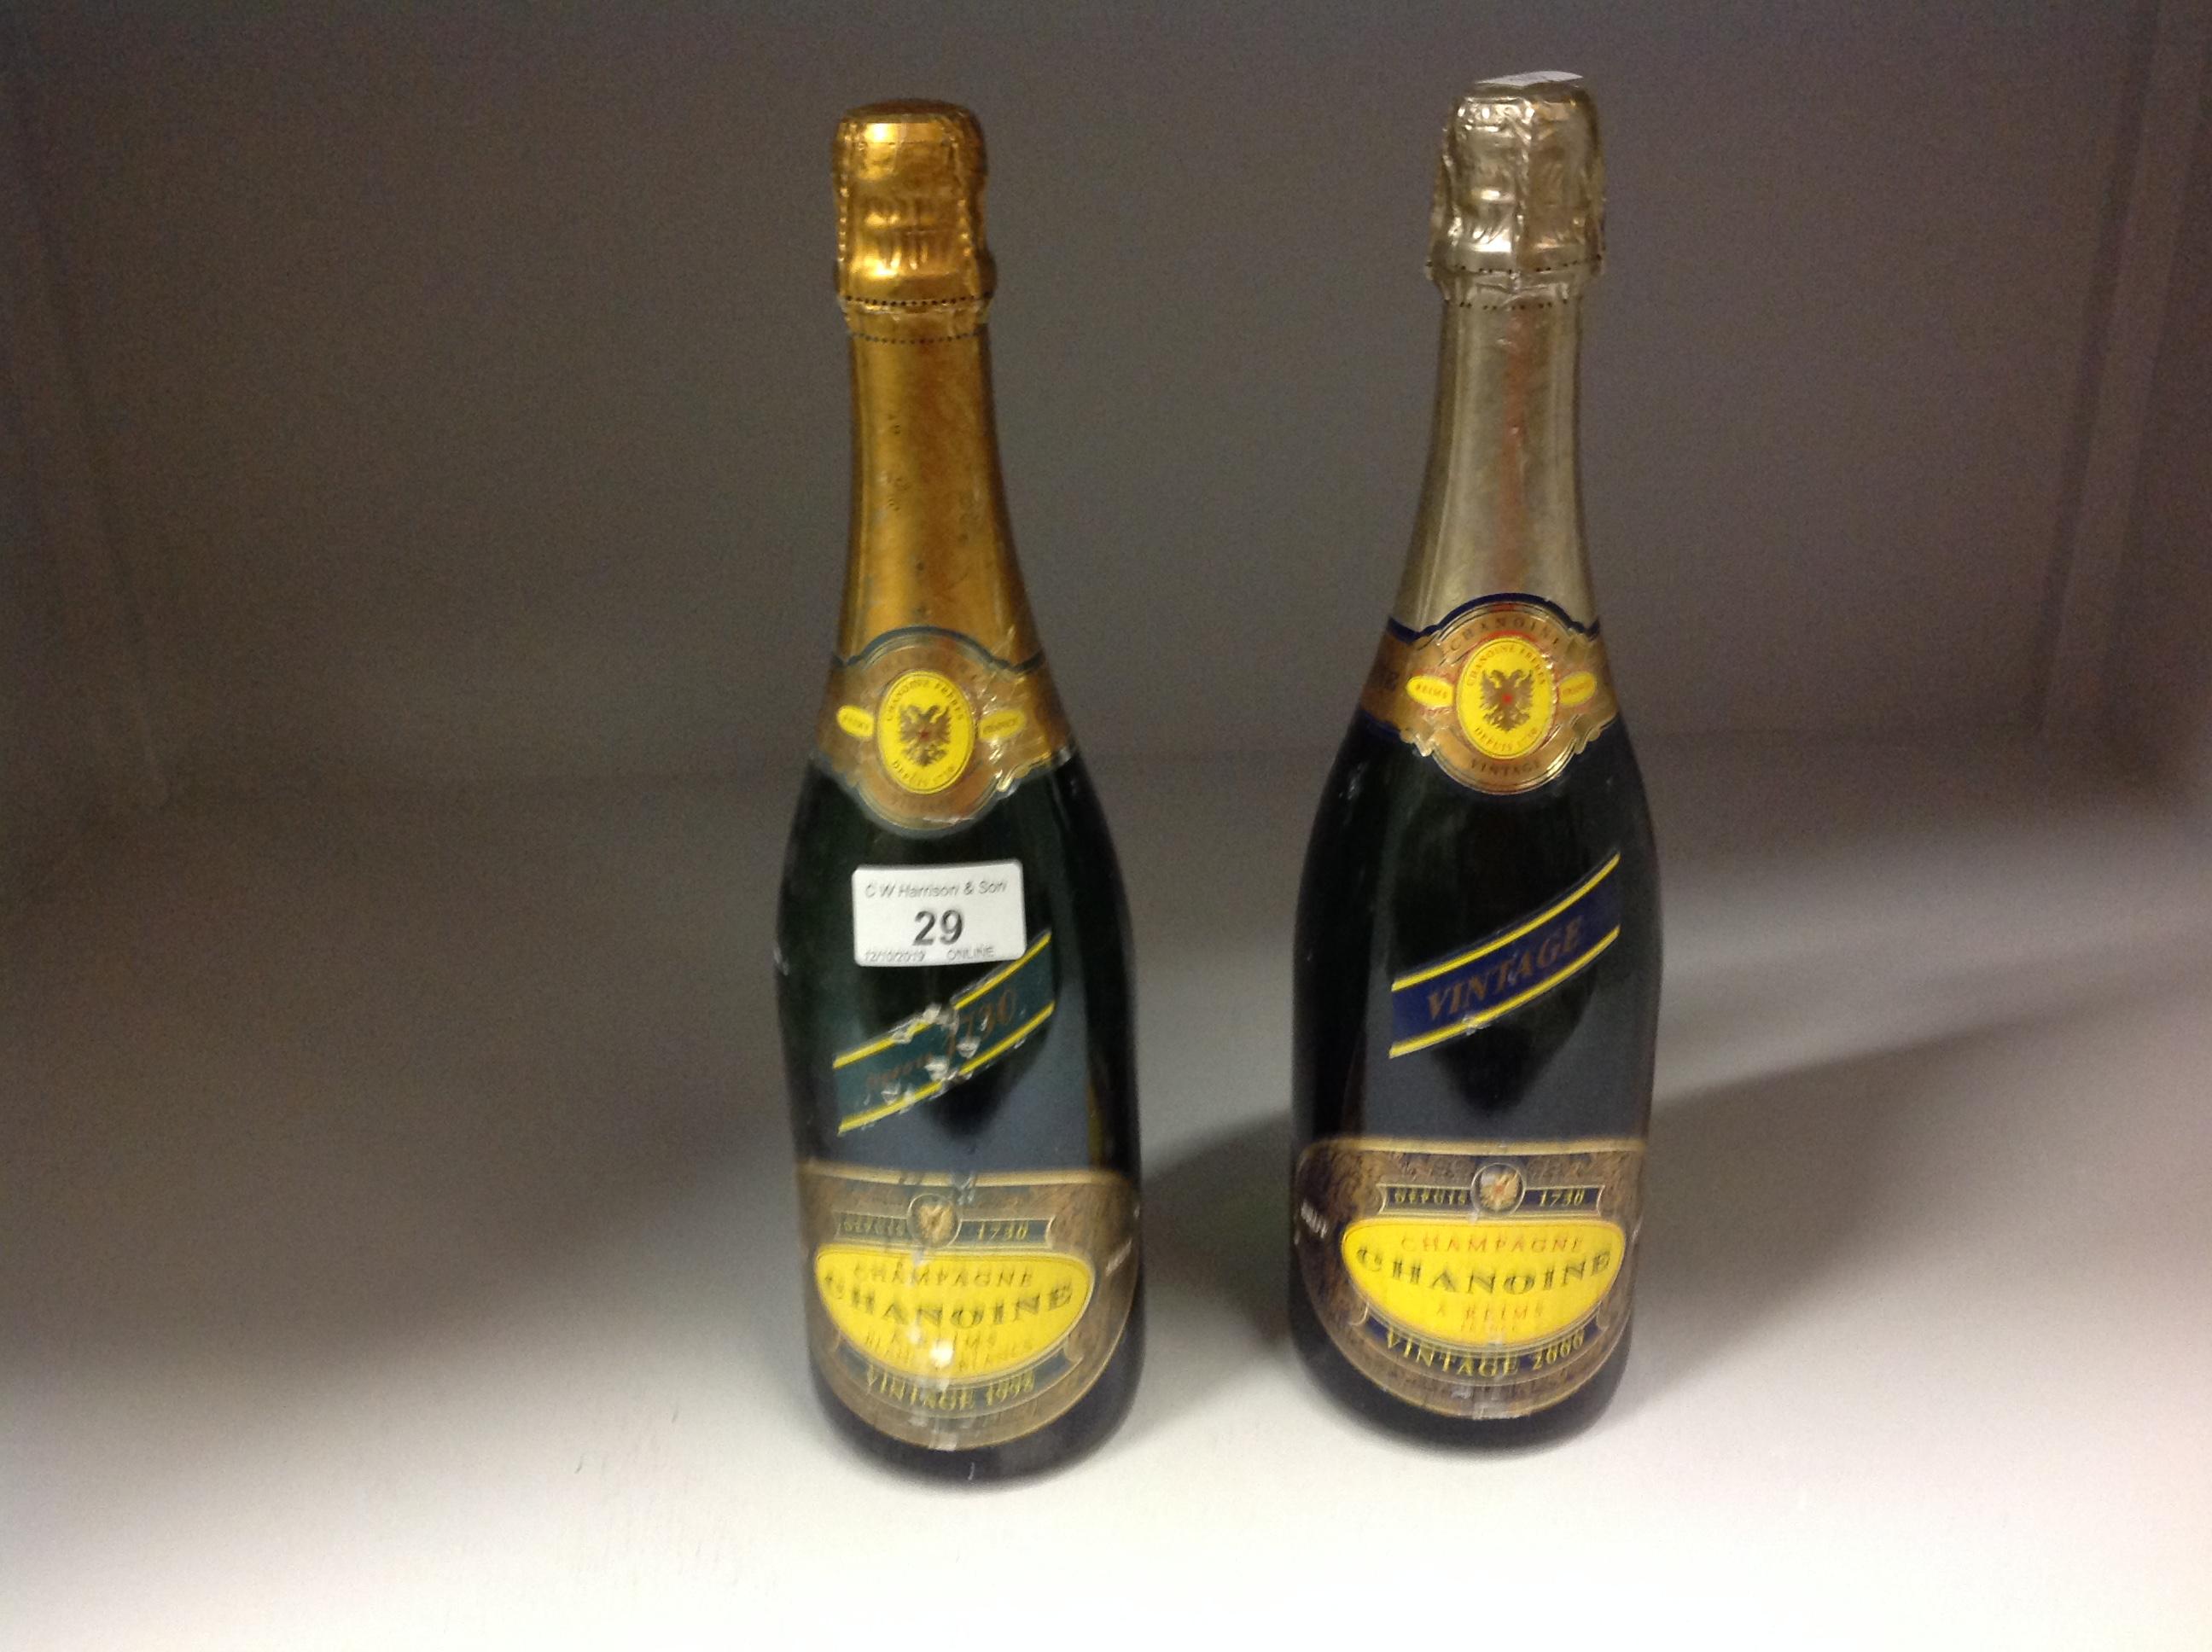 Lot 29 - 2 x 75cl bottles Chanoine Champagne vint